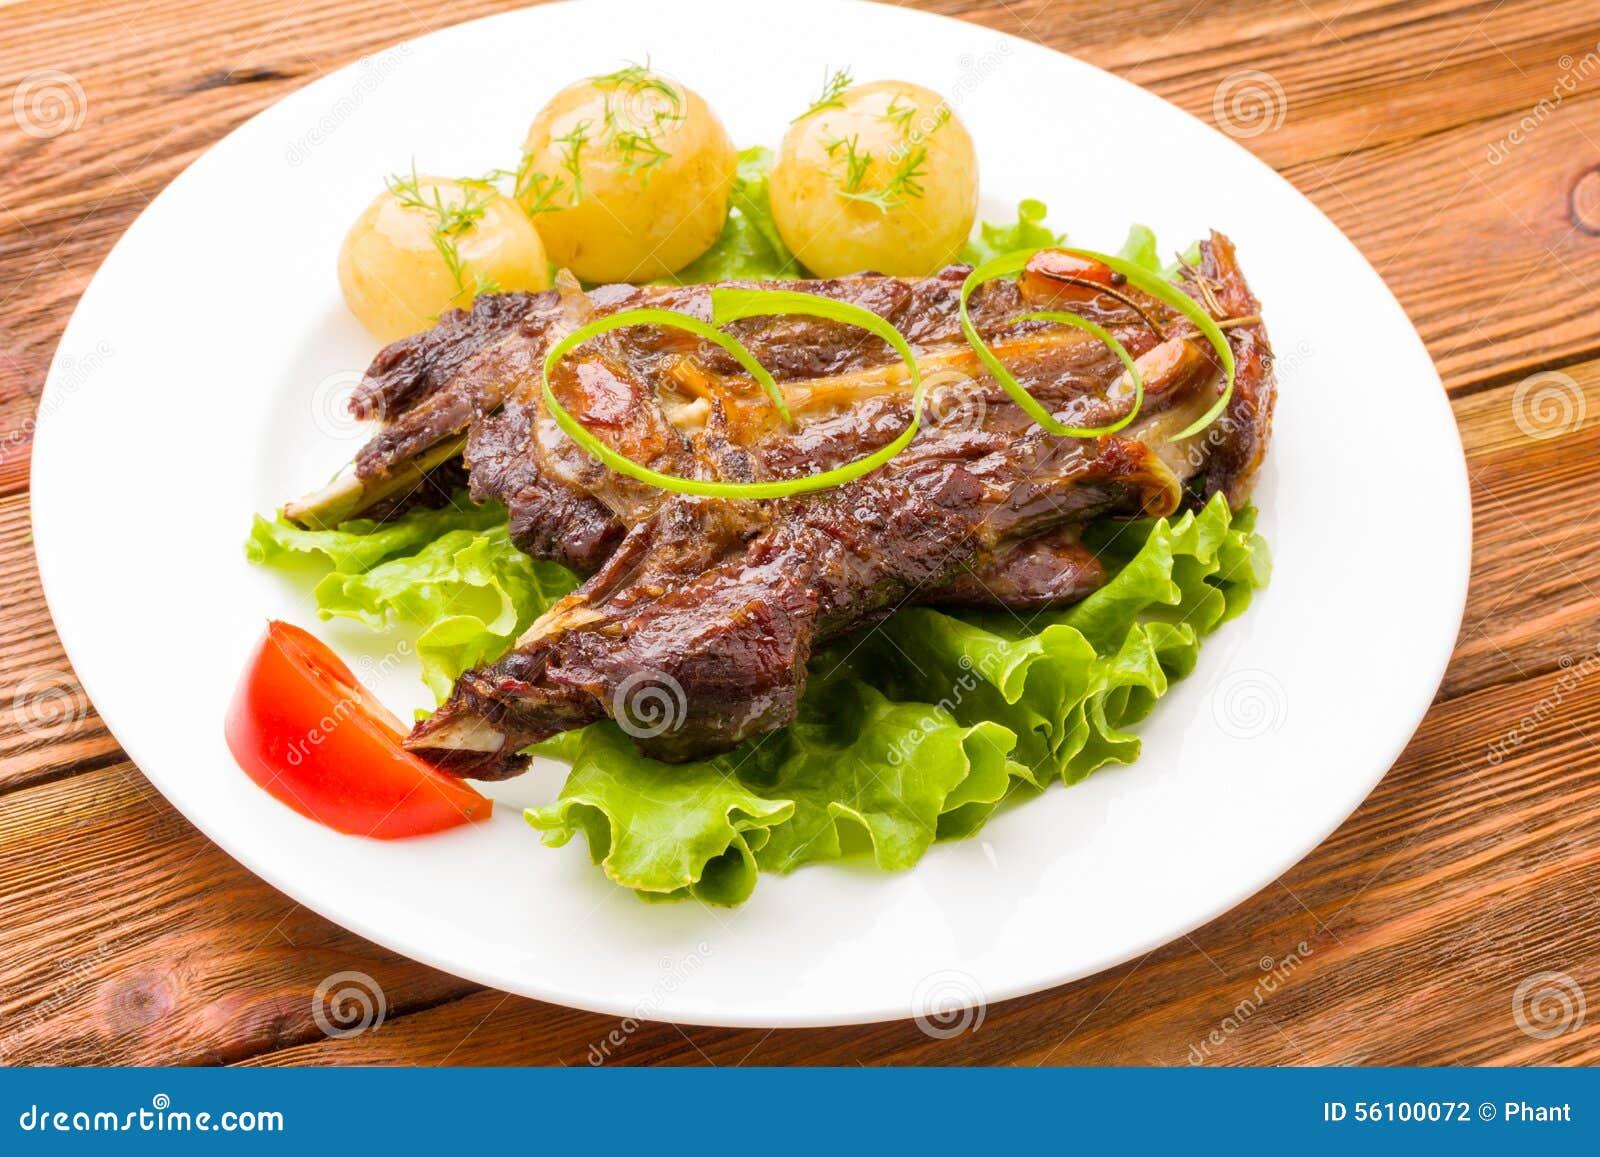 Grillade meatgrönsaker